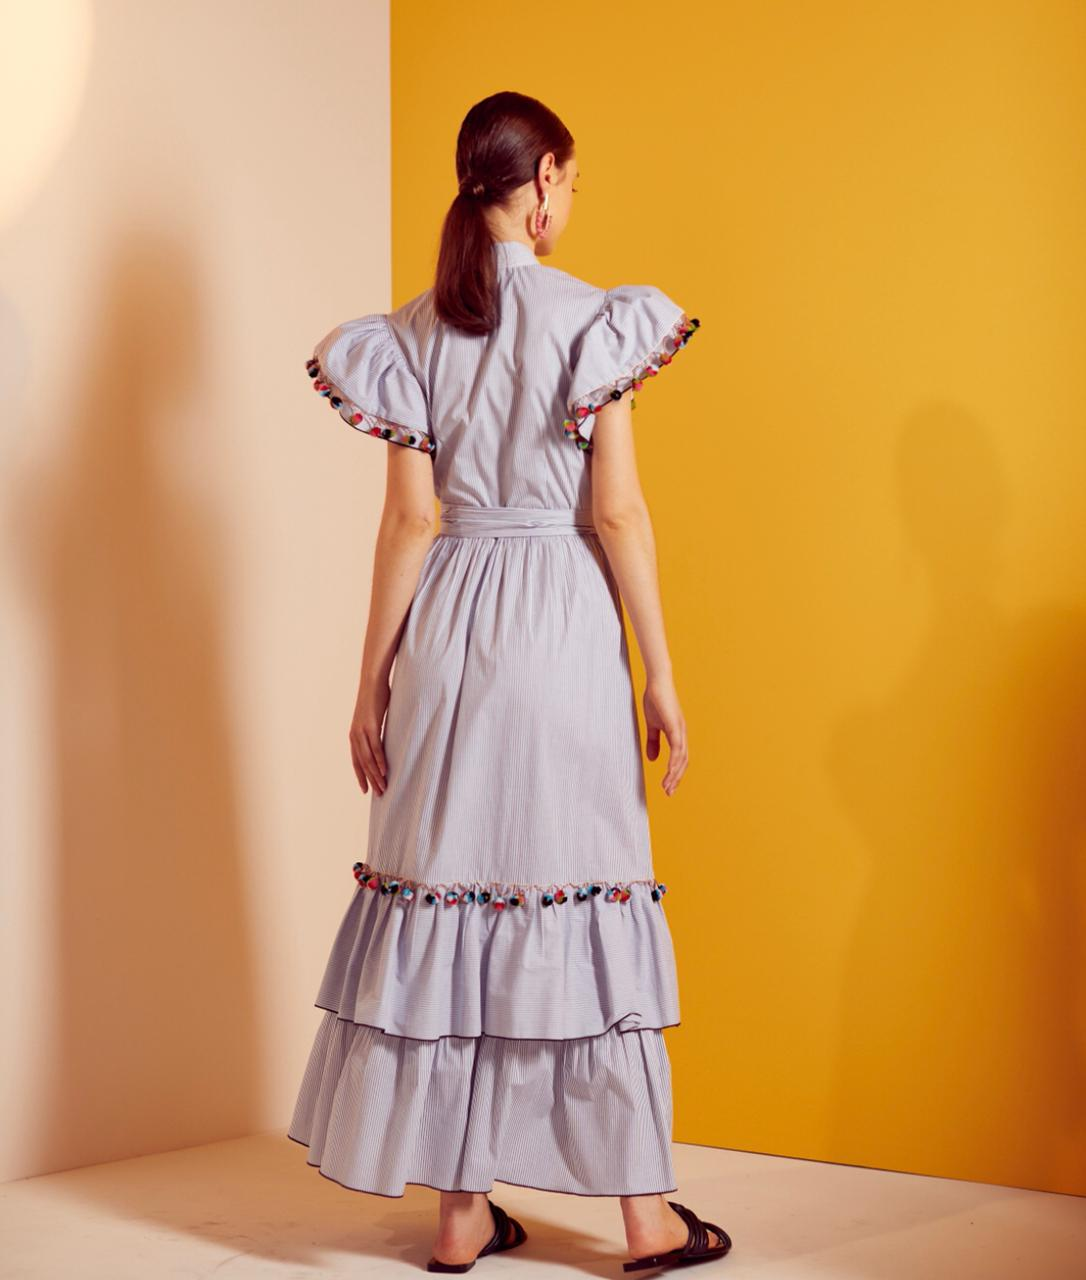 Vestido Longuete Listras - Skazi